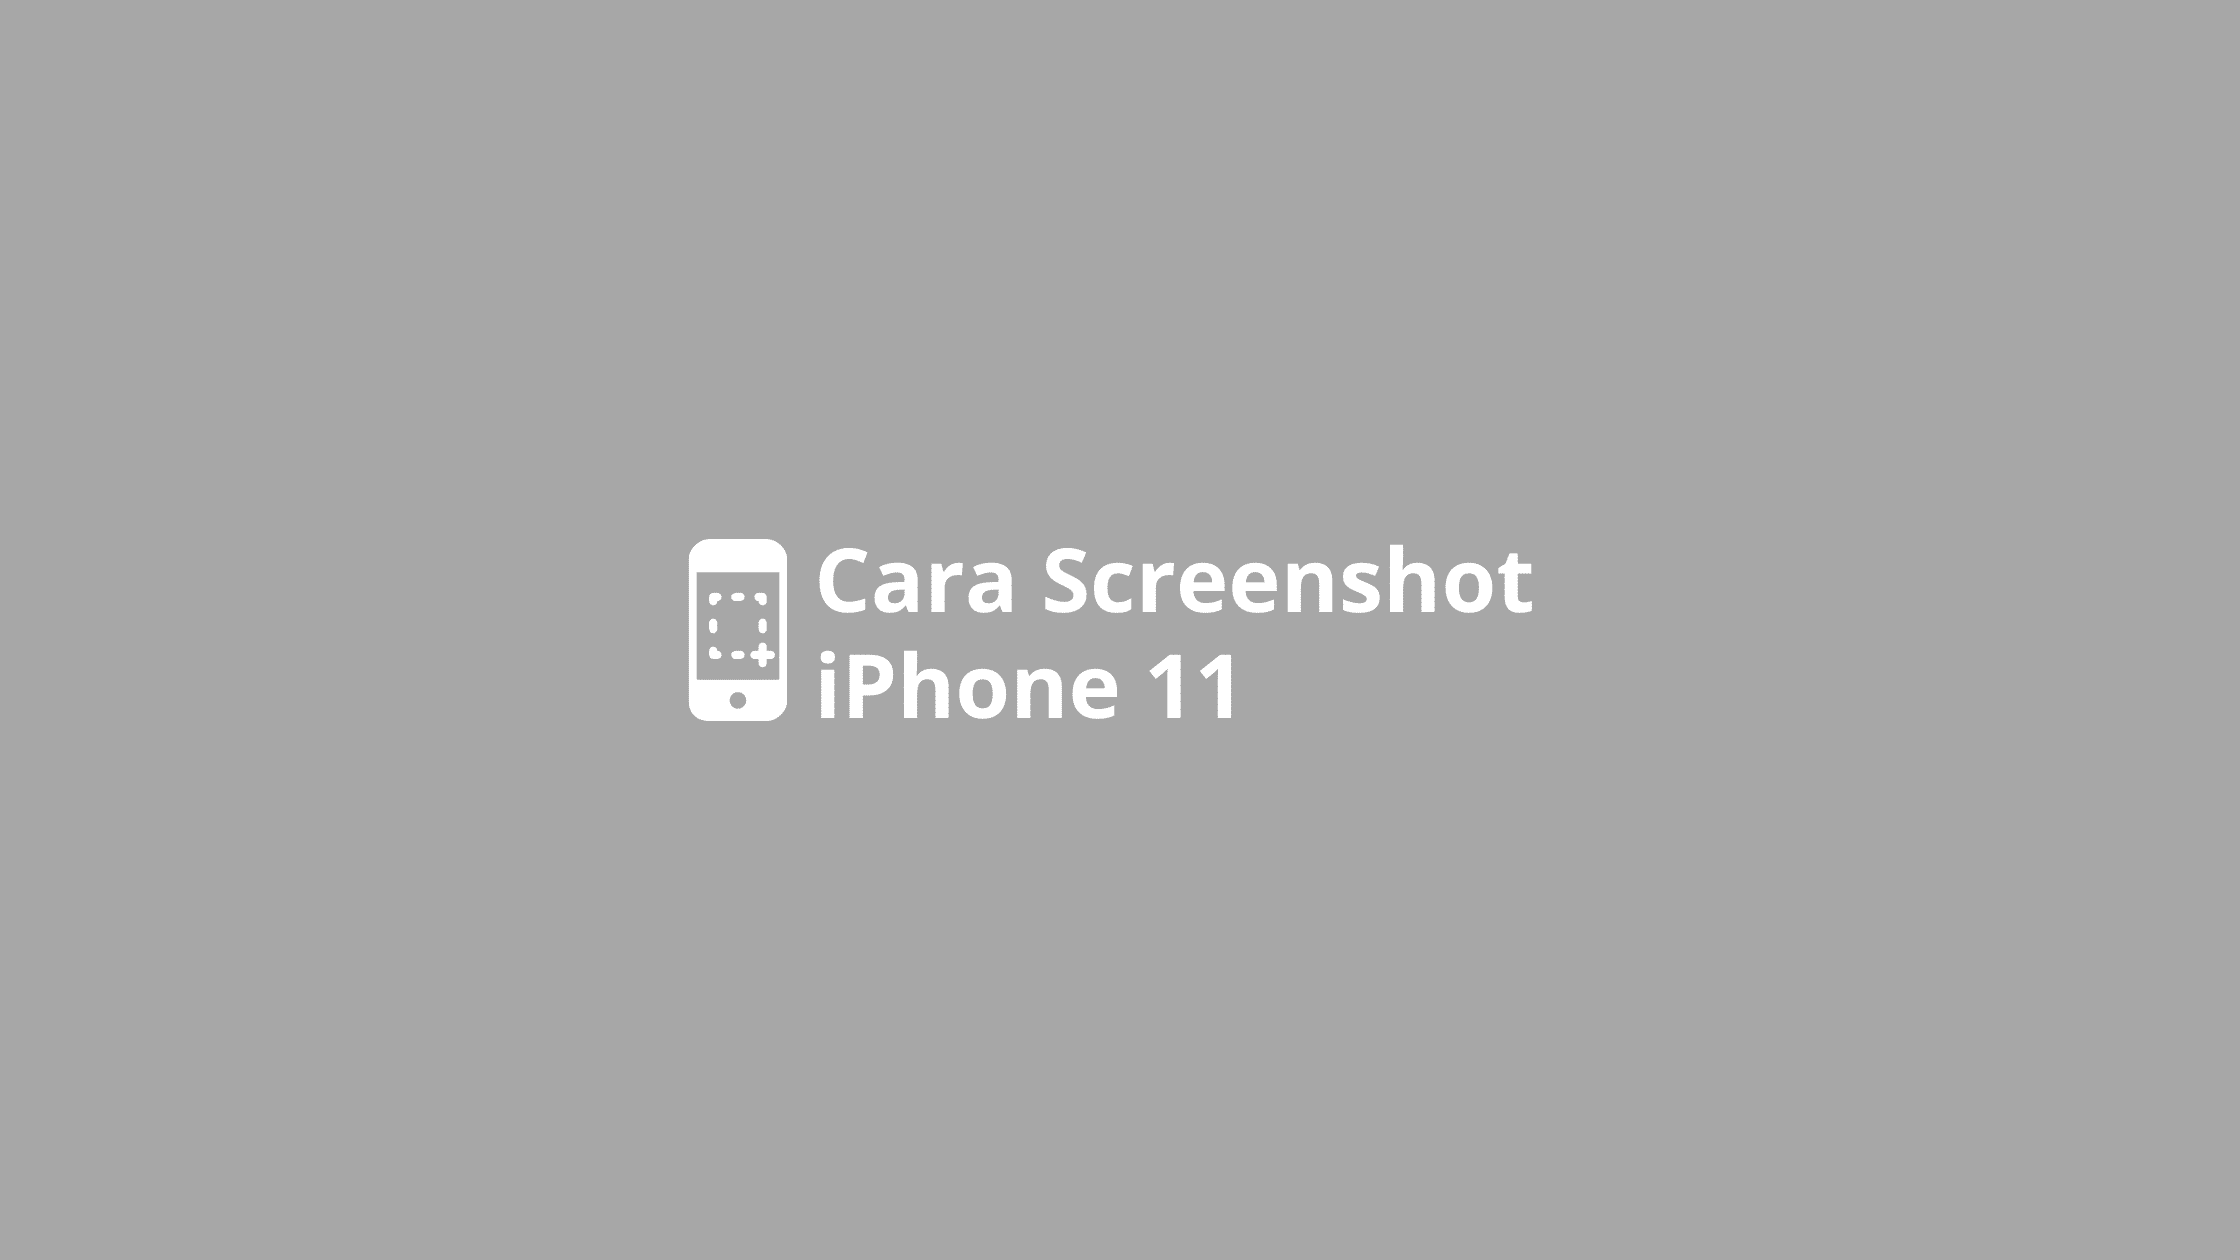 cara screenshot iphone 11